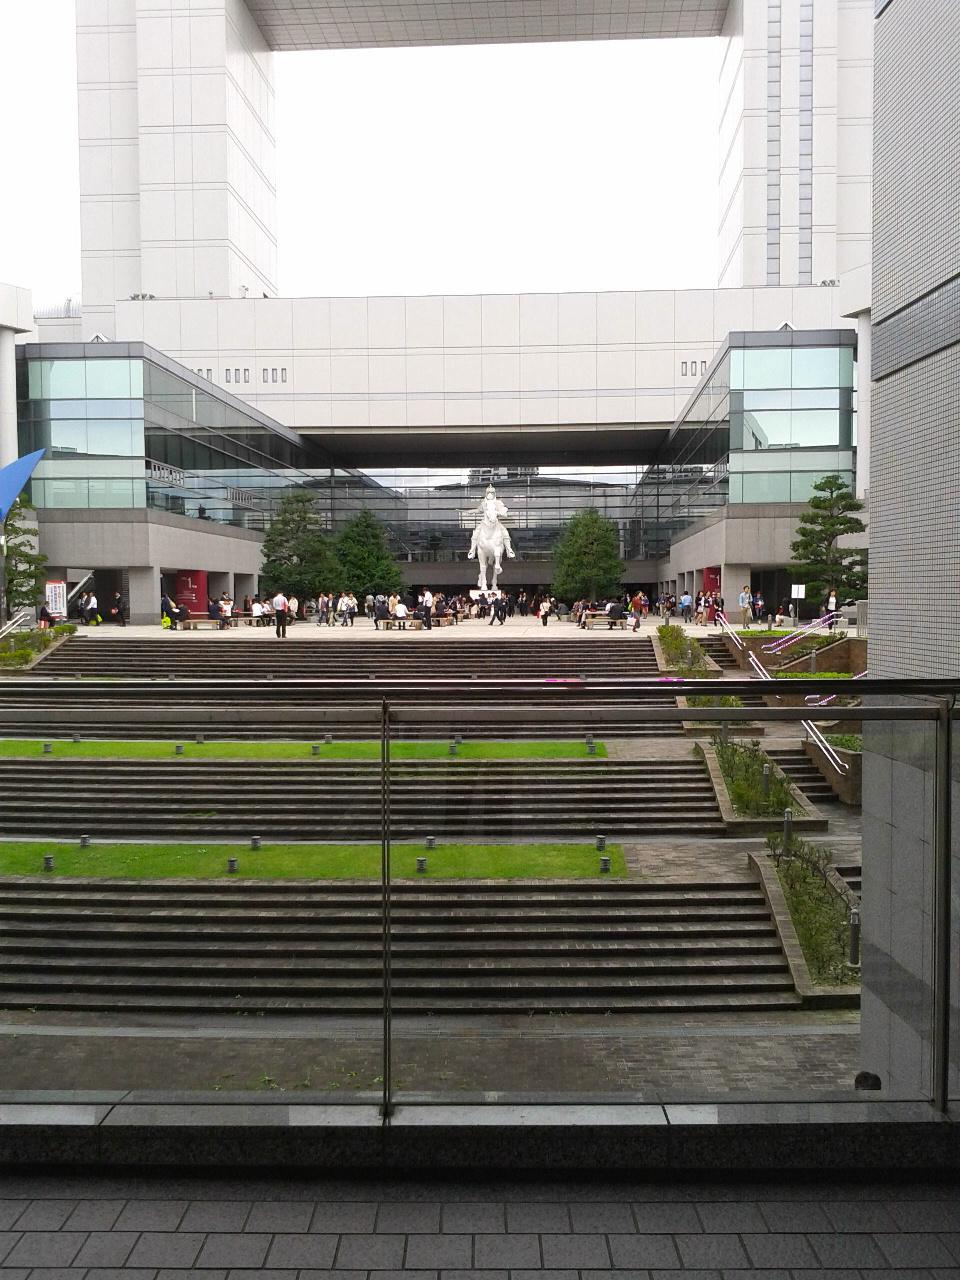 『名古屋』2016.10(その1)に行きました。  名古屋国際会議場。  とにかくデカい謎のモニュメント。  ピョンヤン(平壌)とか、旧東欧諸国に建立された銅像並。コンセプト不明…